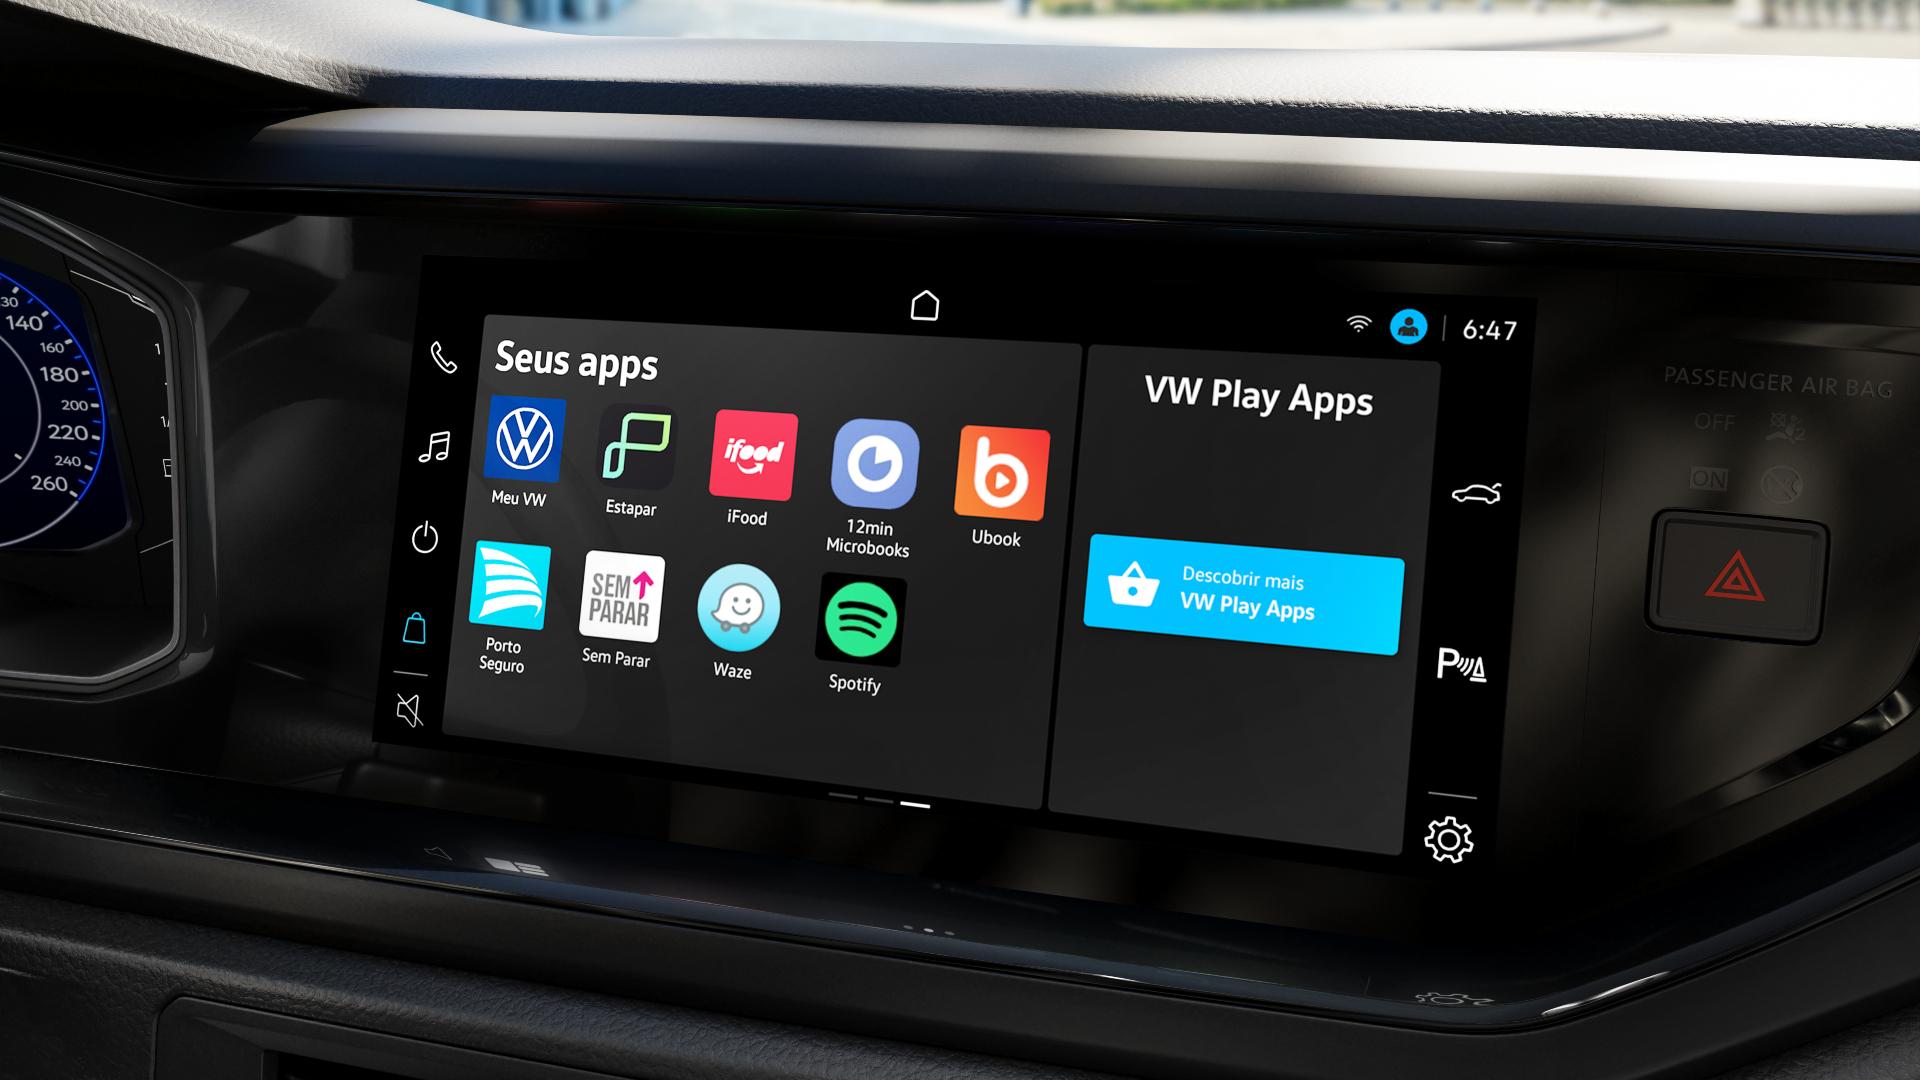 tela de aplicativos da vw play a nova central multimidia da volkswagen